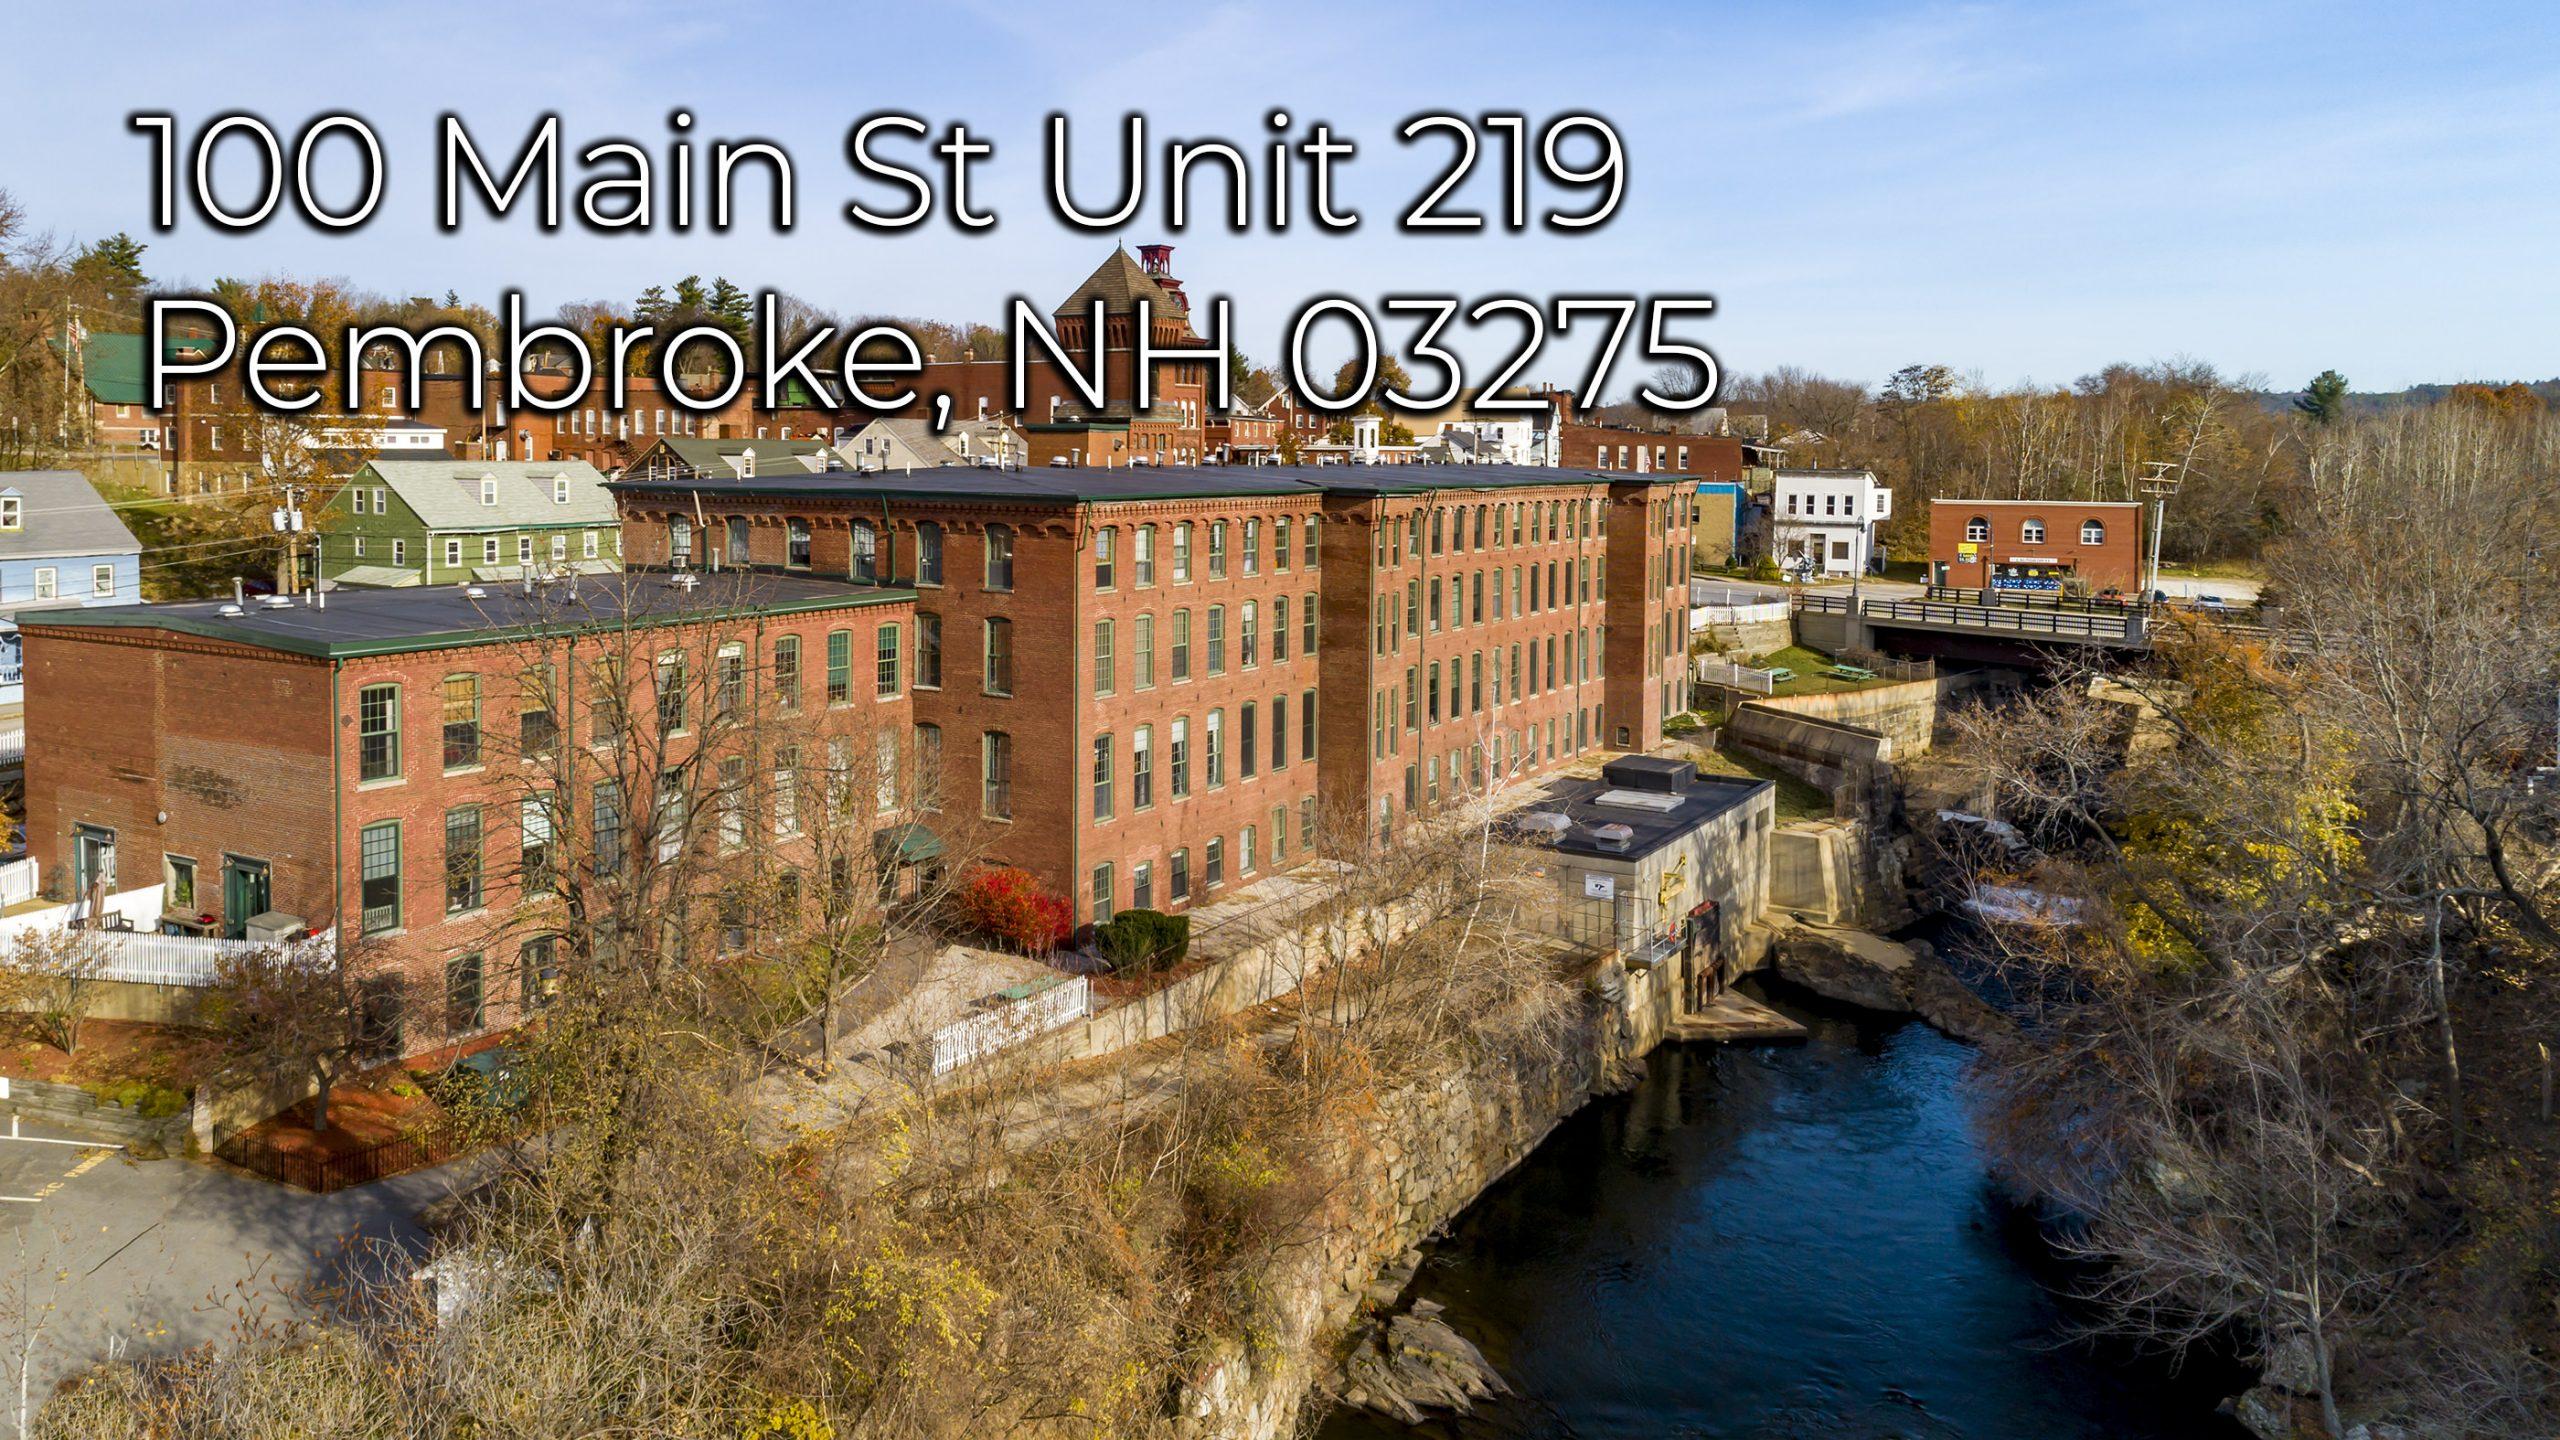 100 Main St Unit 219 Pembroke NH 03275